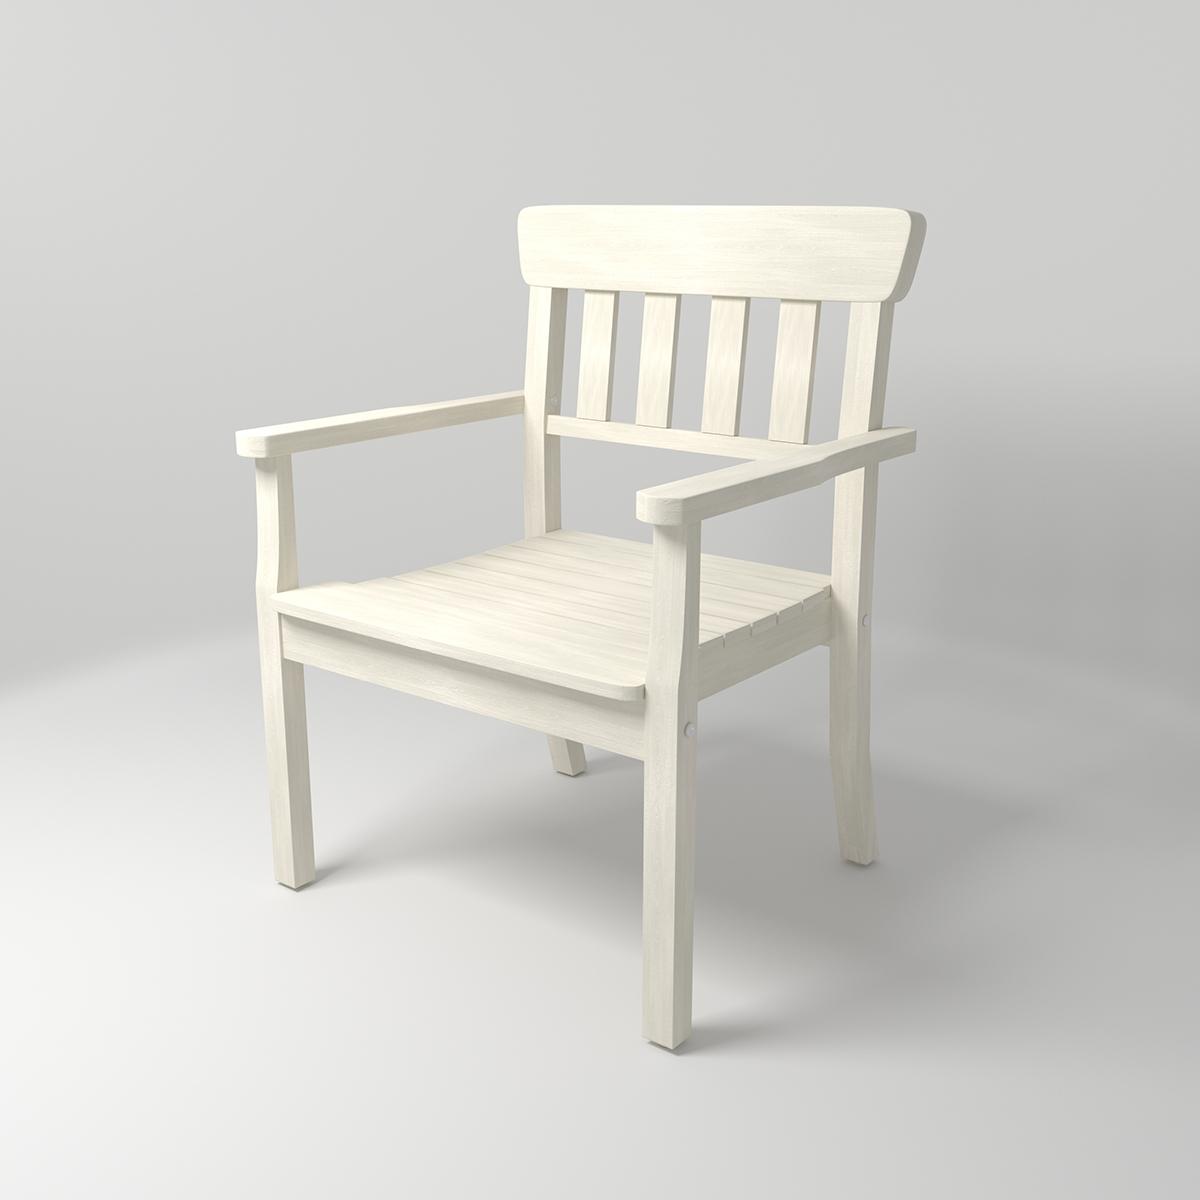 Full Size of Sessel Ikea Angso Outdoor 3d Modell Turbosquid 1298199 Relaxsessel Garten Aldi Küche Kosten Hängesessel Sofa Mit Schlaffunktion Schlafzimmer Modulküche Wohnzimmer Sessel Ikea